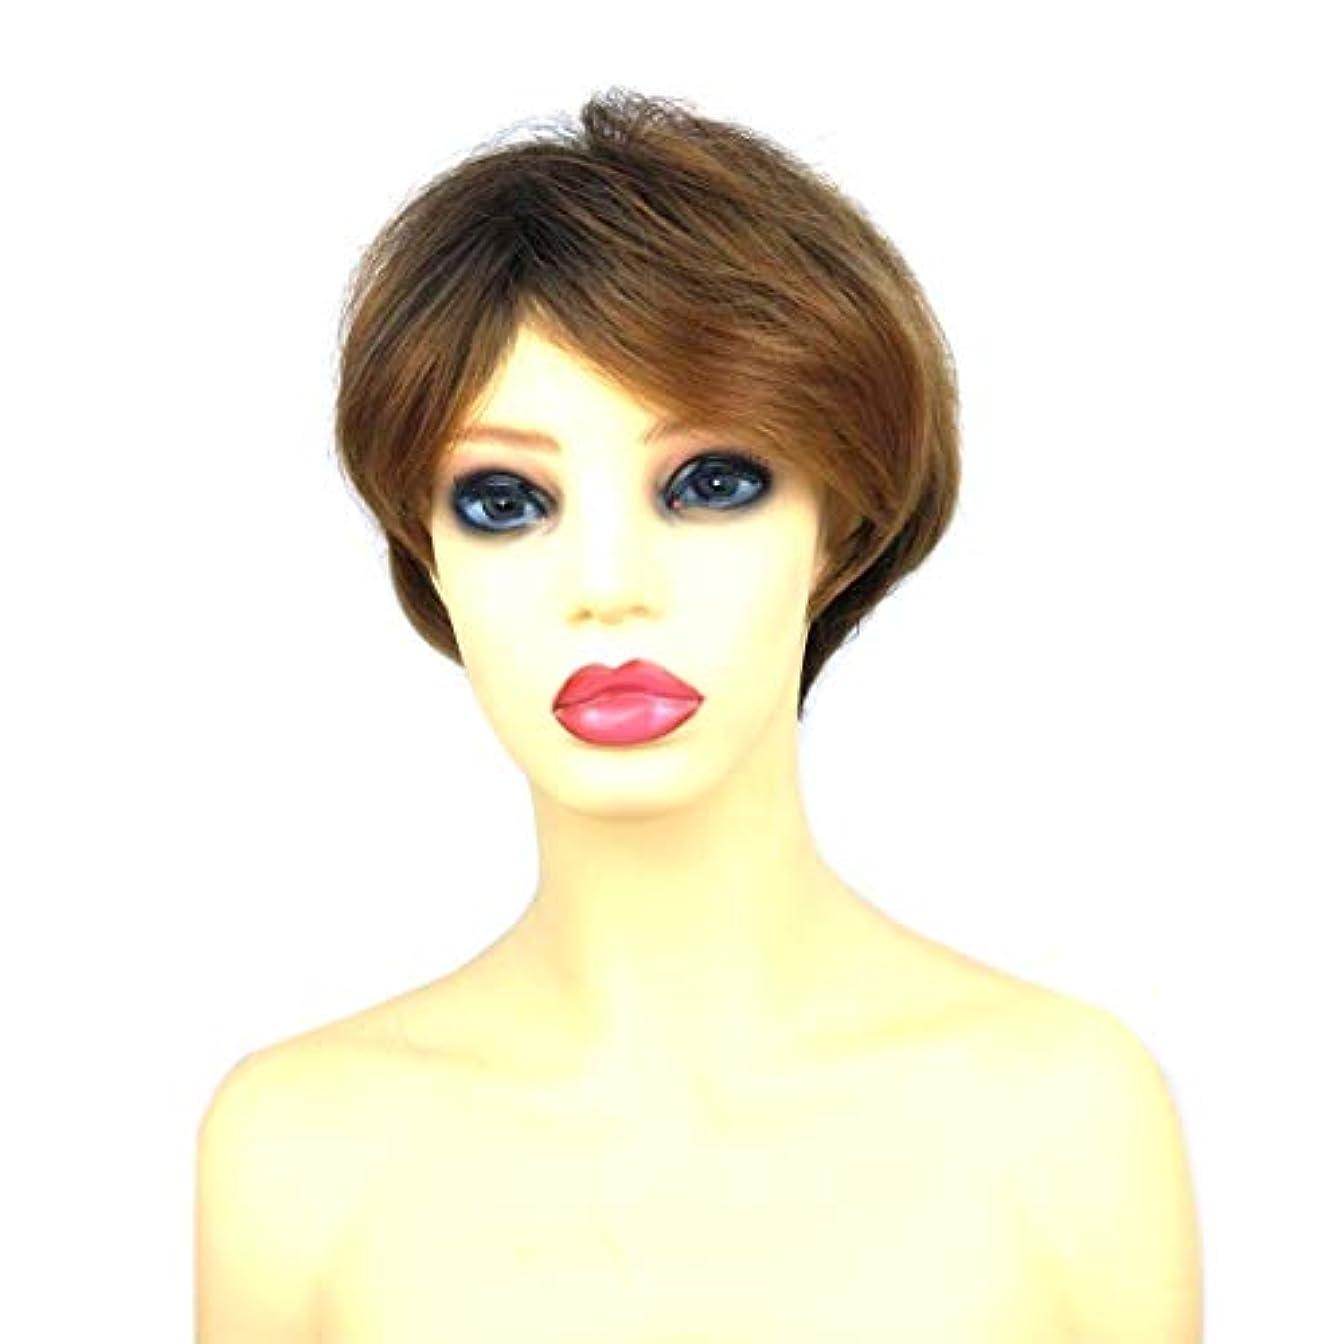 持つ事業局Summerys 女性のための短いかつらブロンドボブ髪かつら自然に見える耐熱性合成ファッションかつら